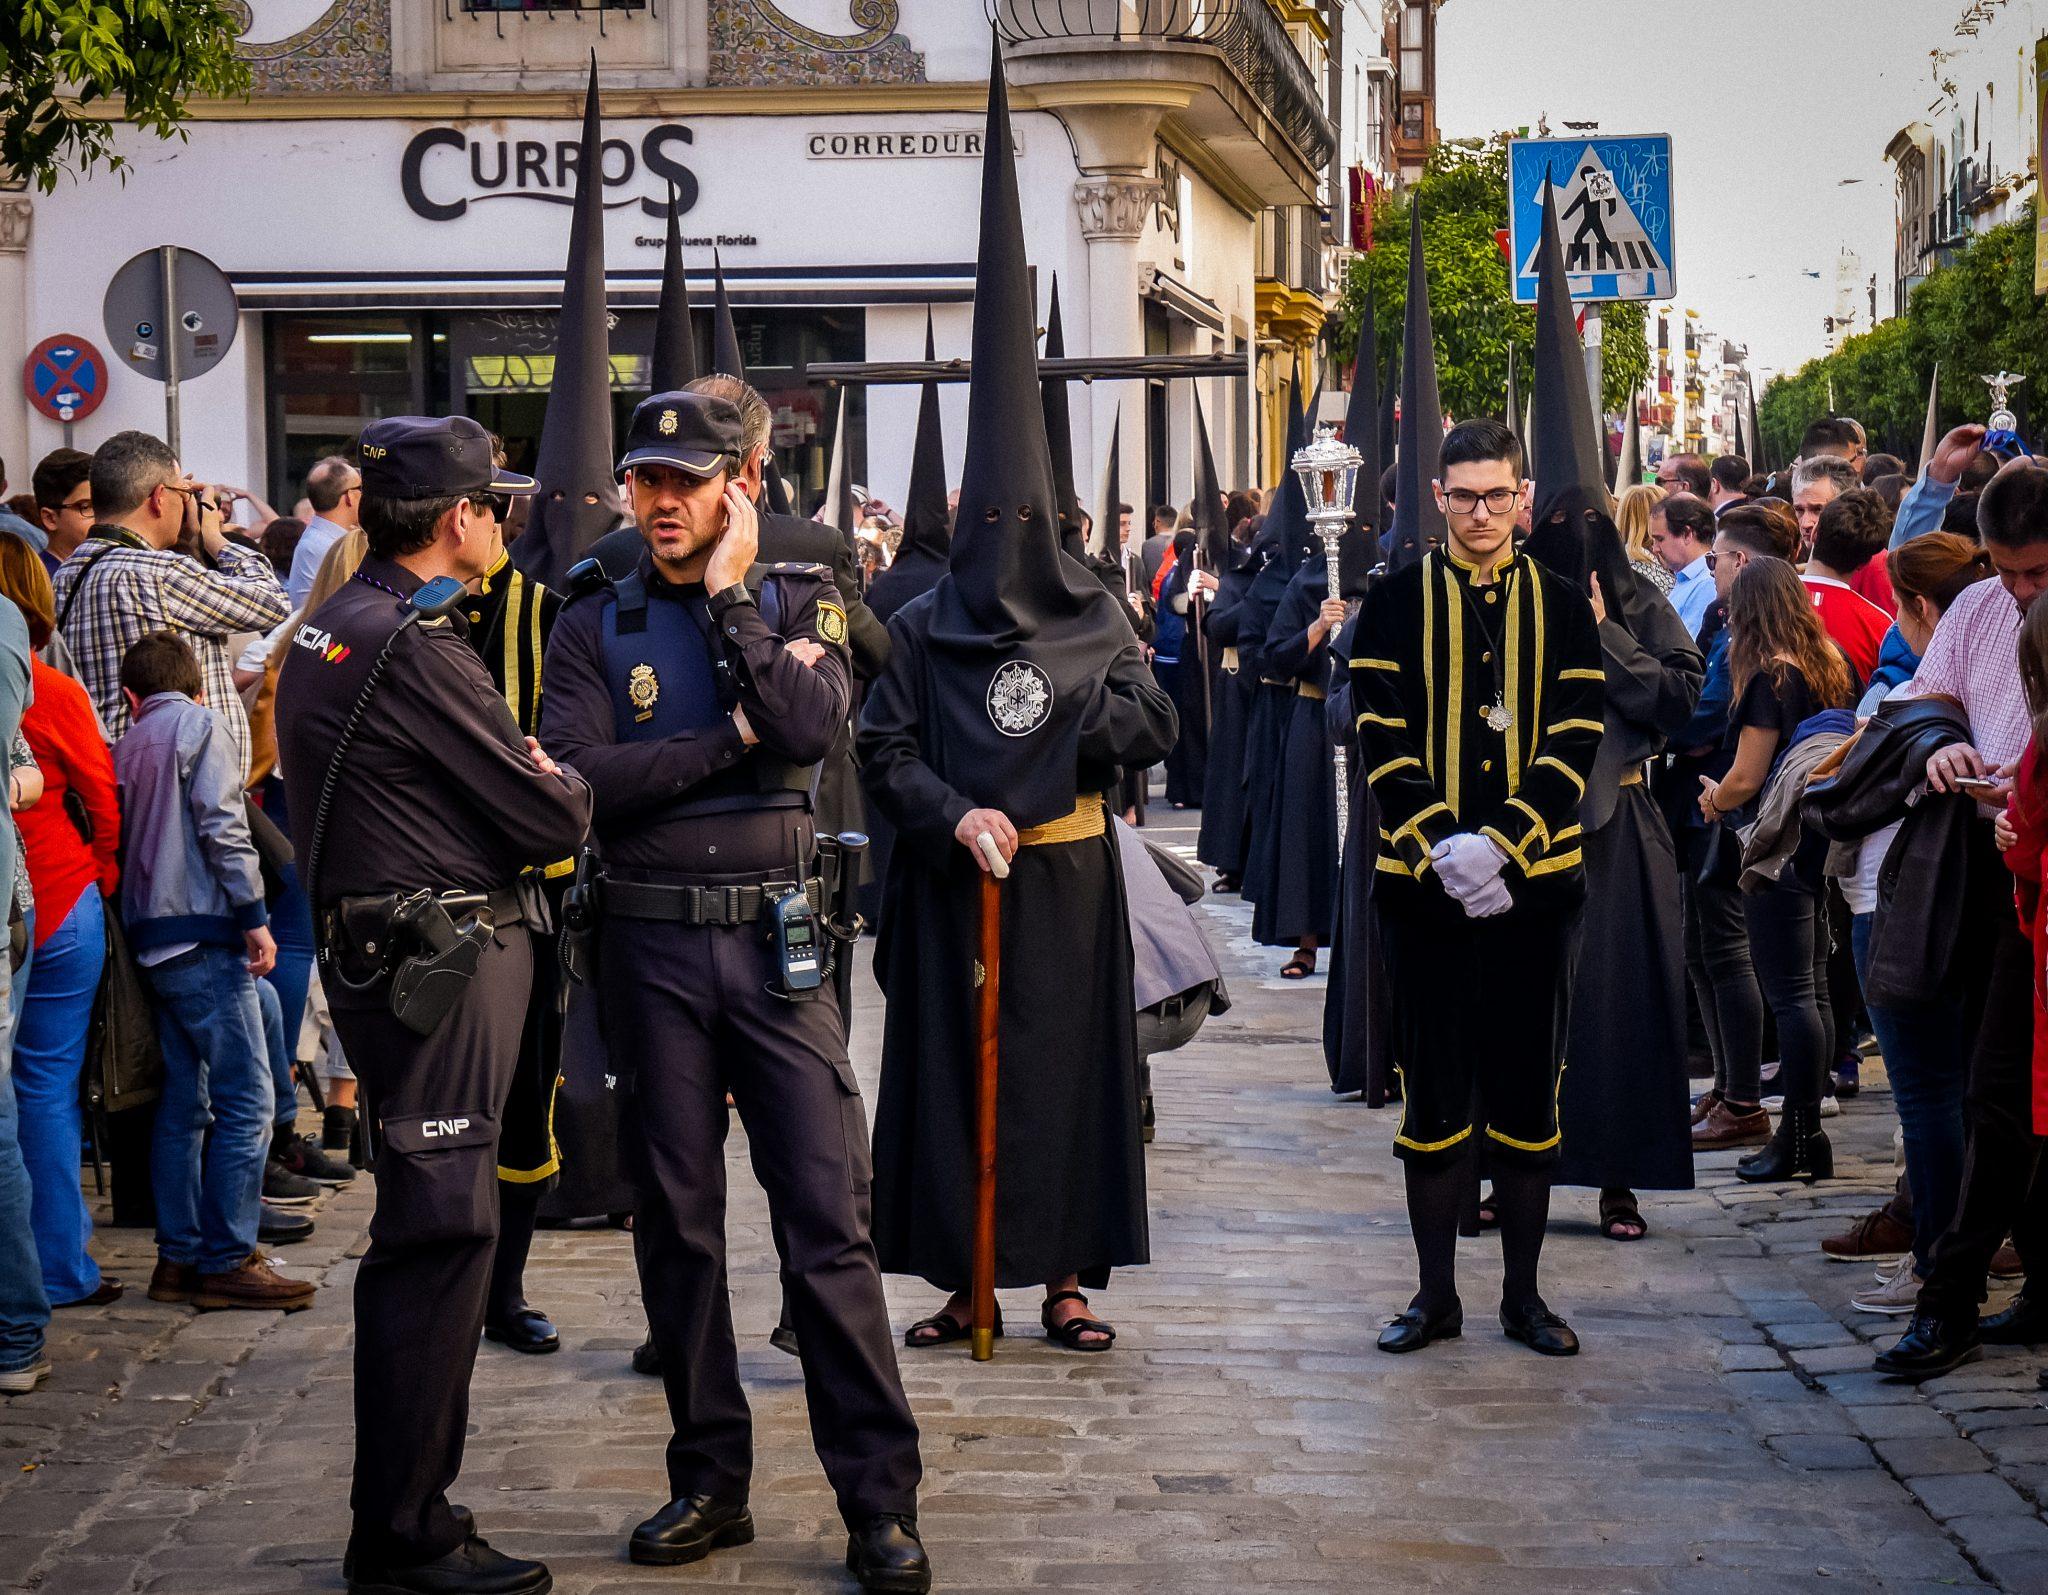 Für die Sicherheit auf der Semana Santa in Sevilla ist natürlich auch gesorgt, immer wieder kannst du die Polizei sehen.